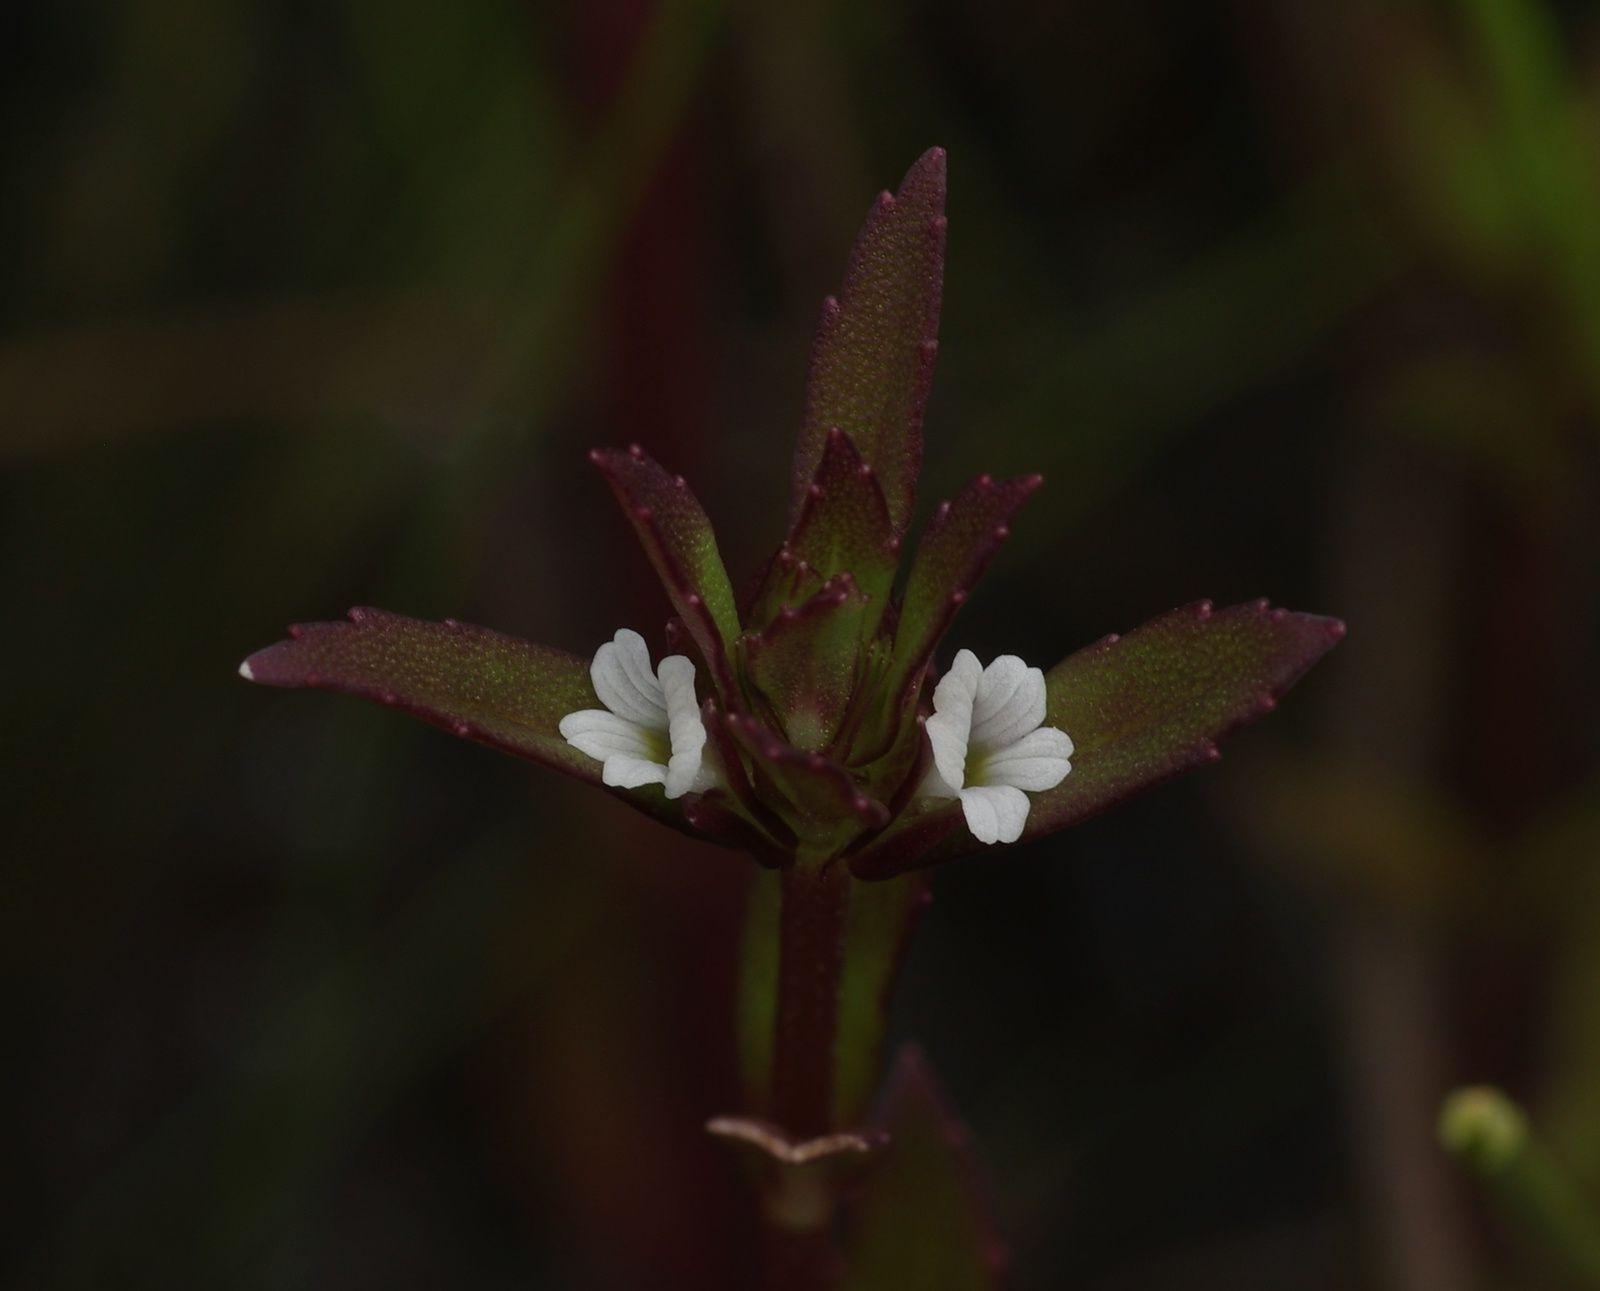 Bacopa sessiliflora